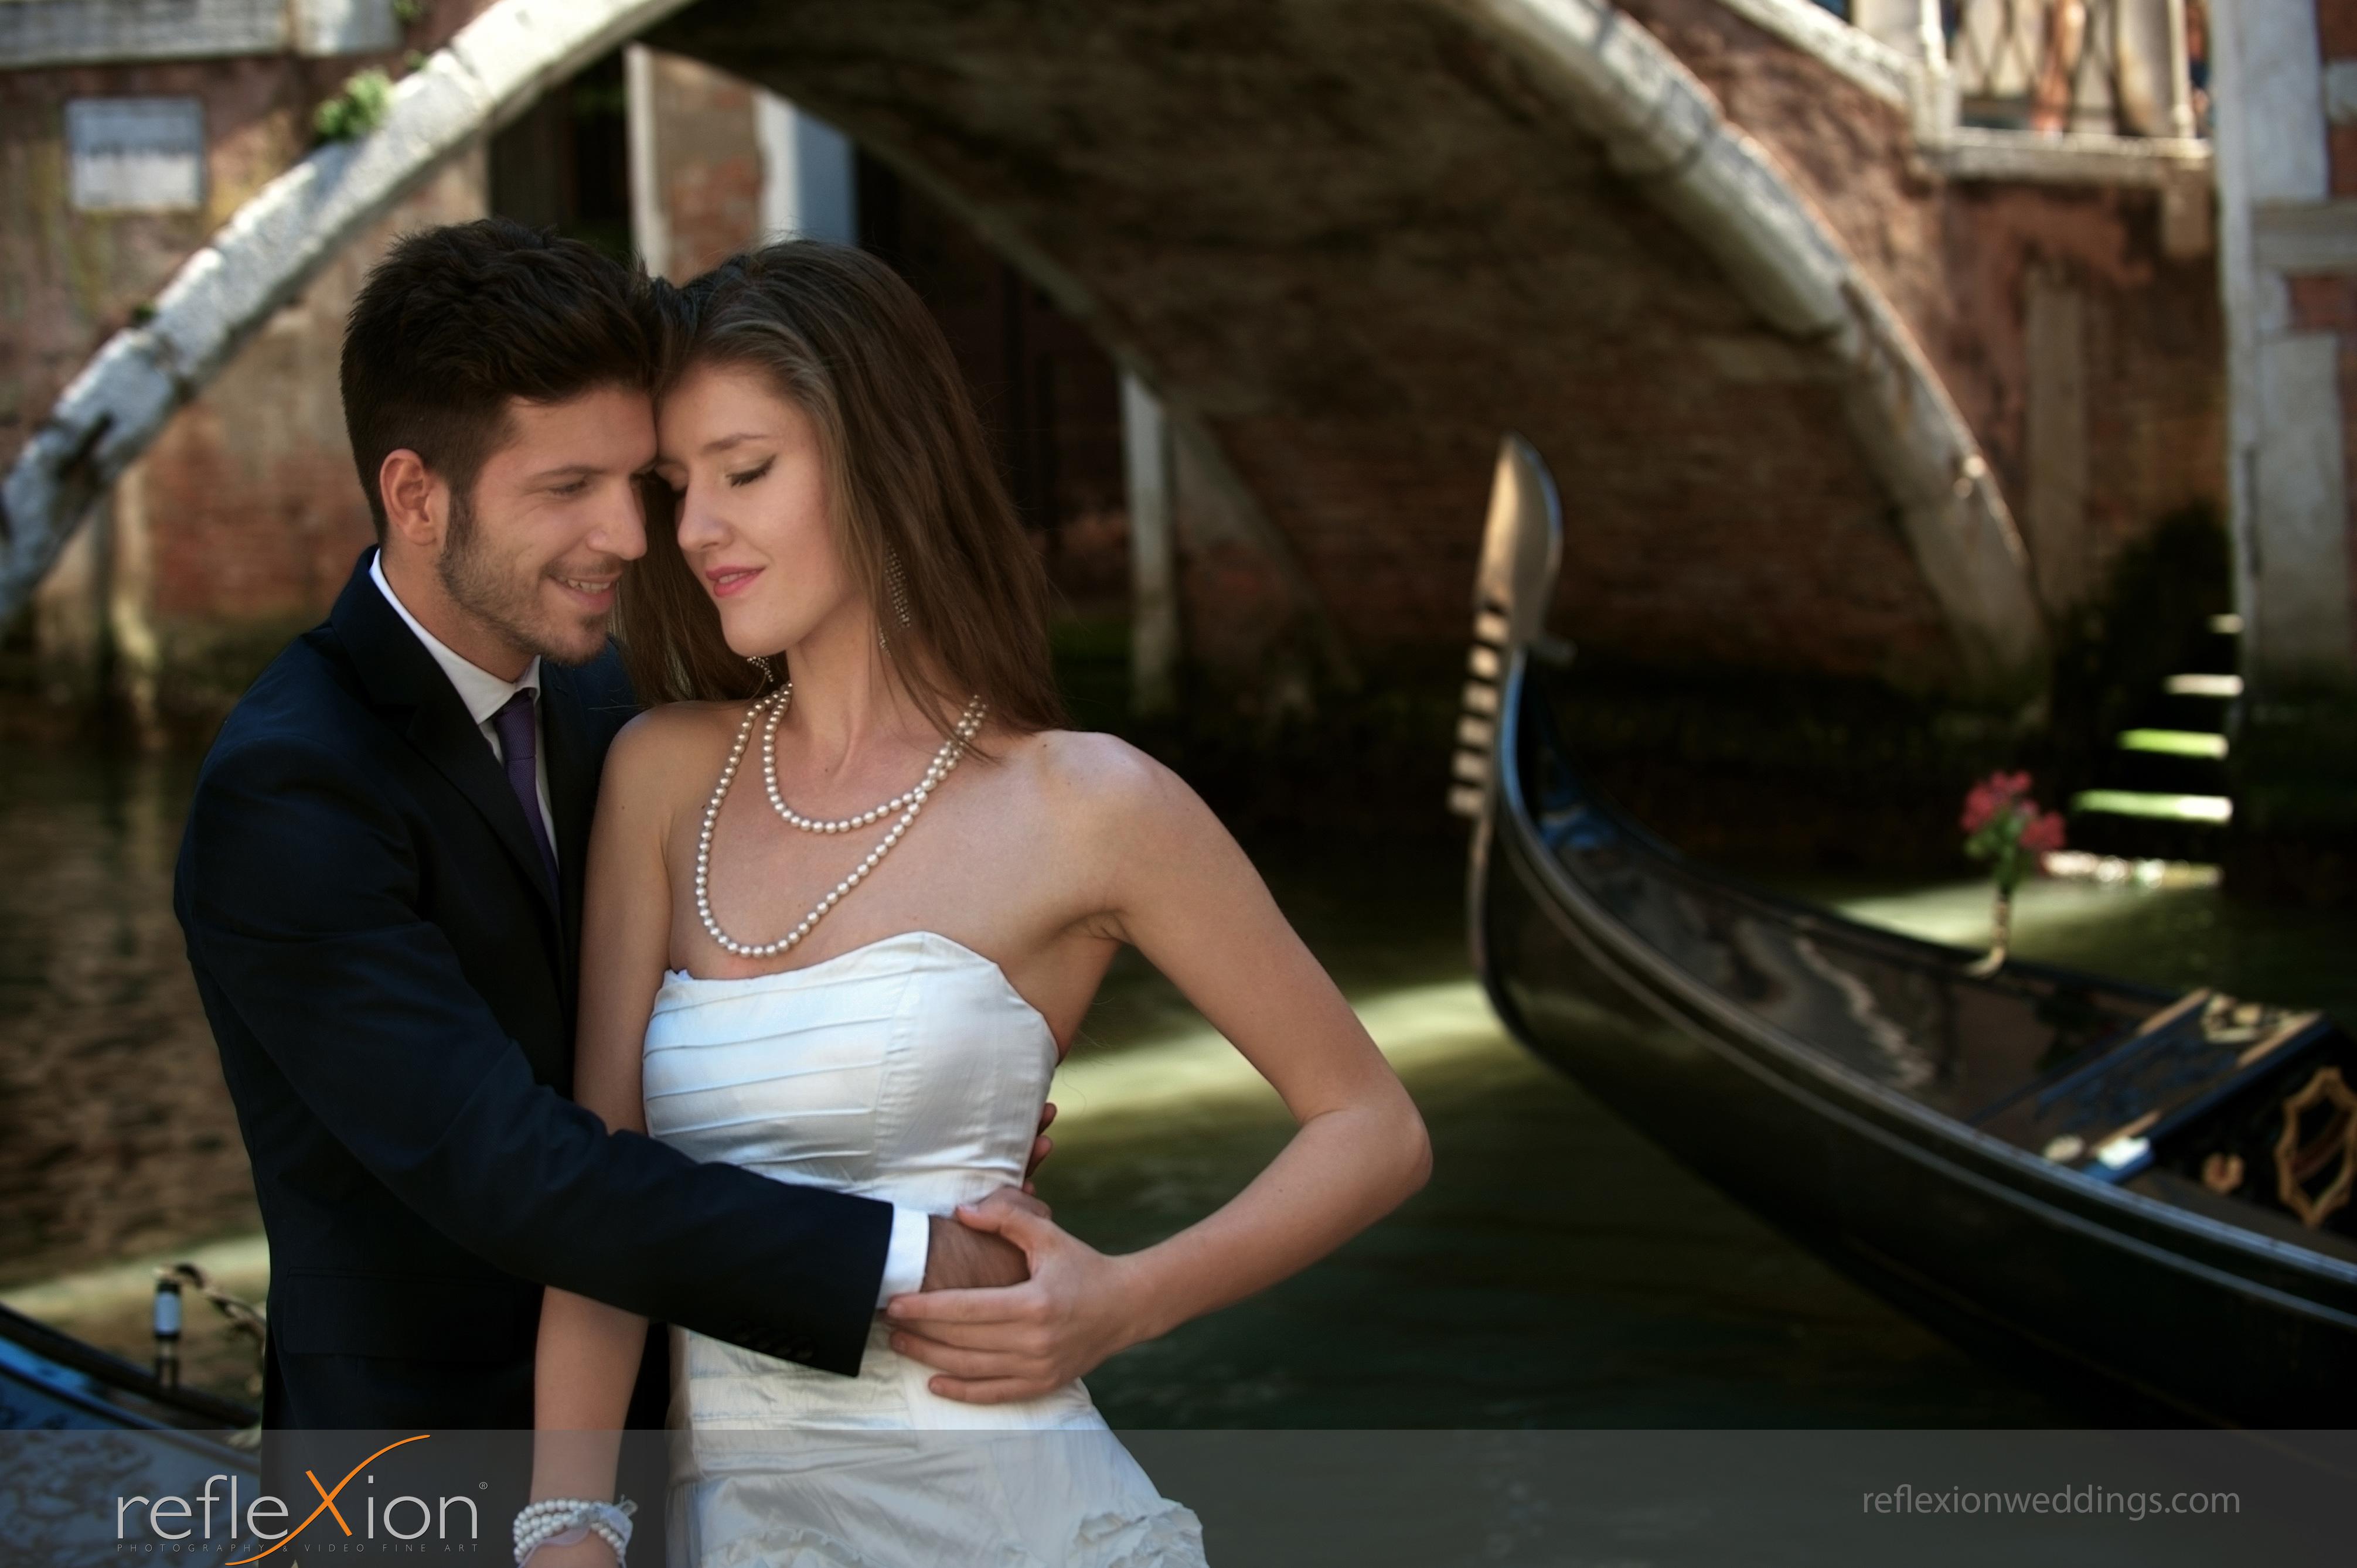 Locations for wedding photography in Venice - Campiello Morosini